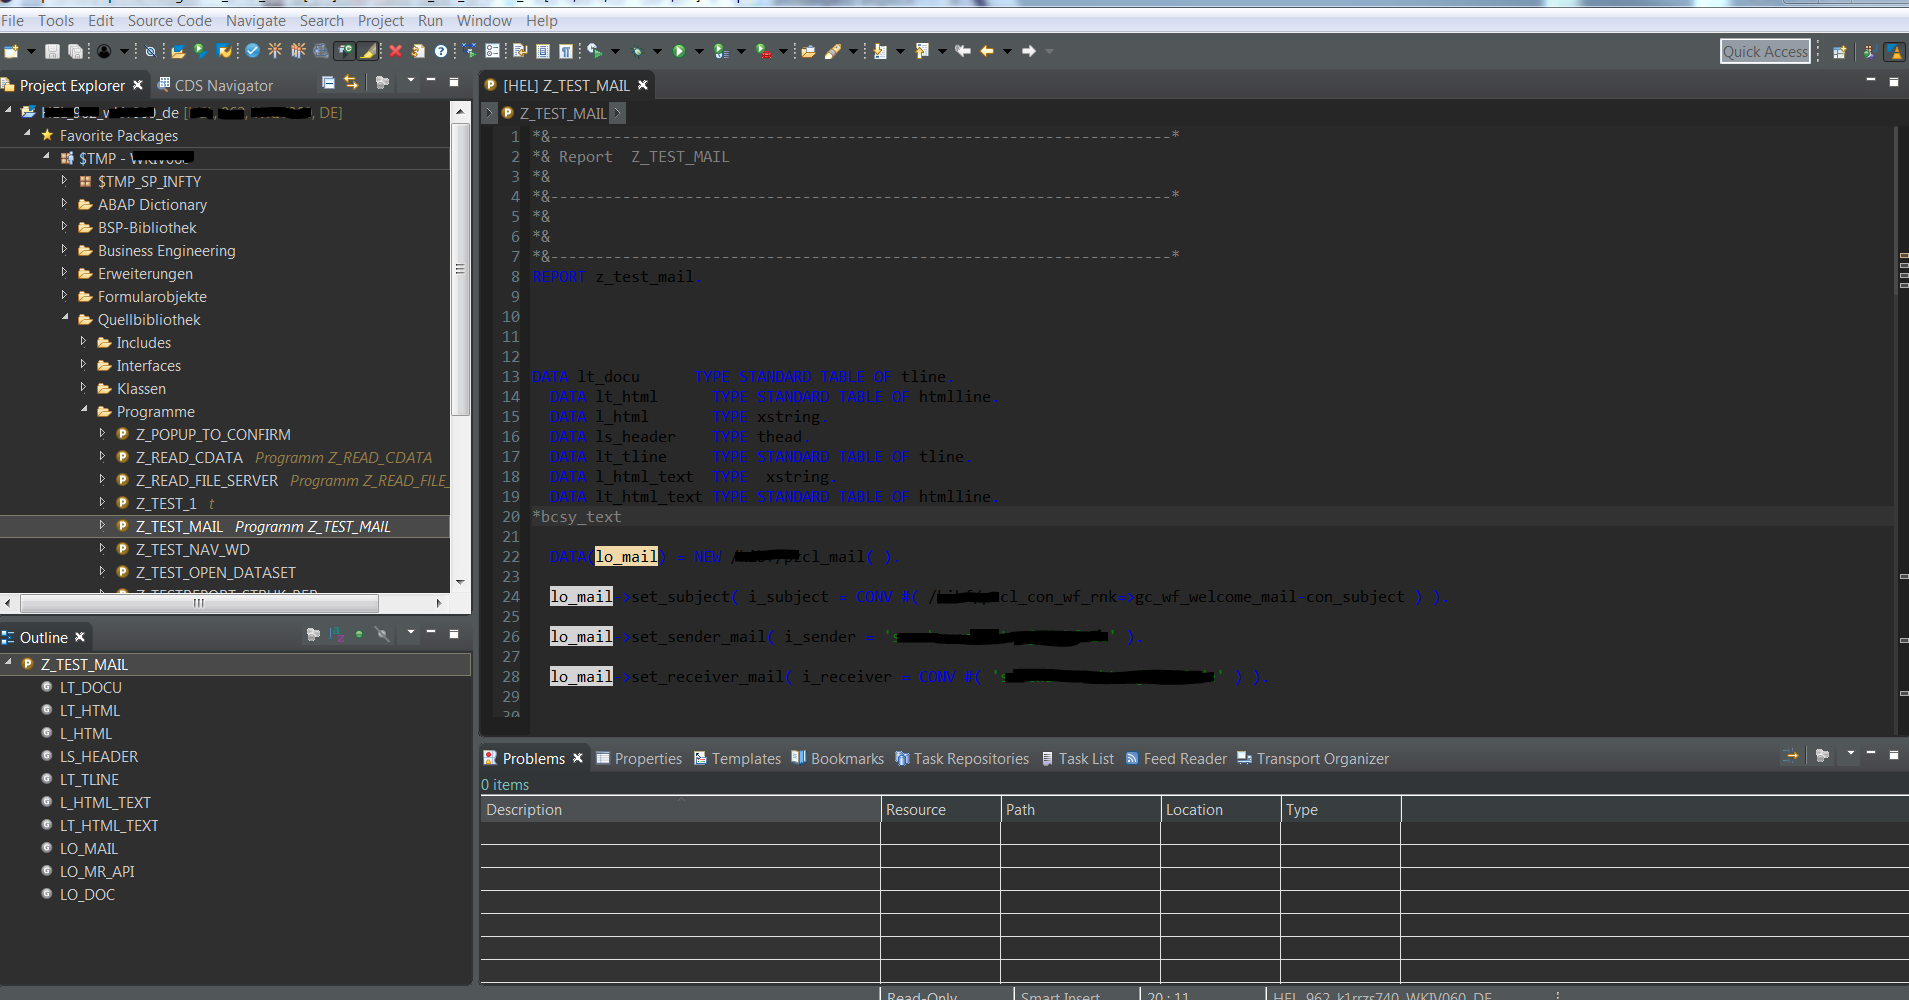 Darkest Dark Theme for Eclipse with ADT   SAP Blogs